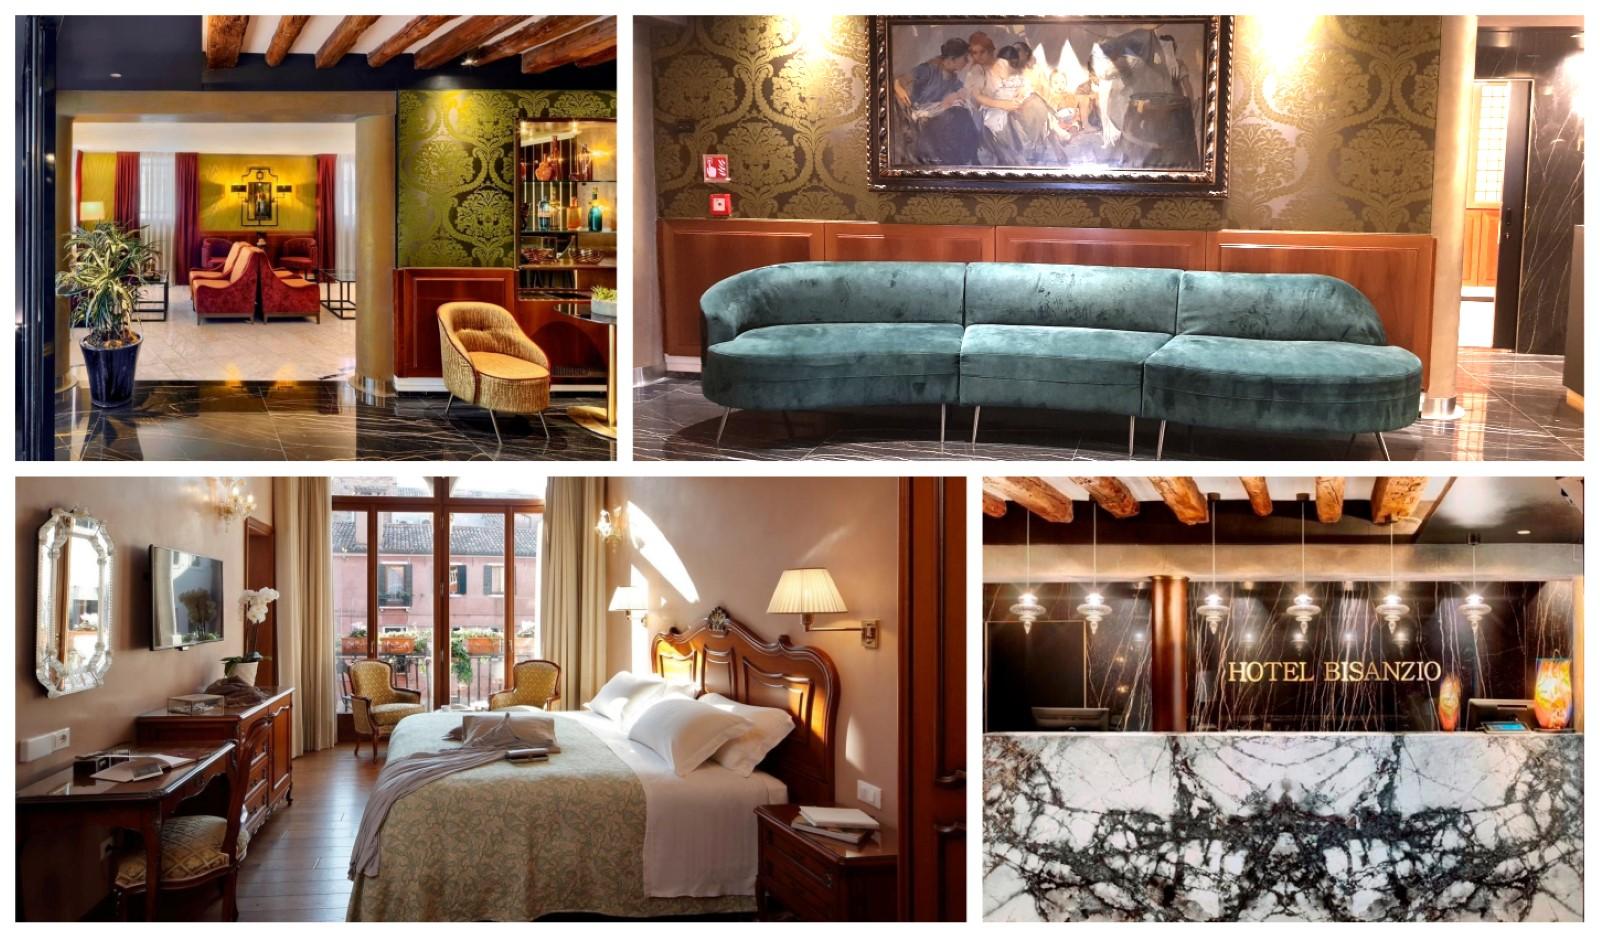 קולאג' תמונות של הלובי וחדר השינה